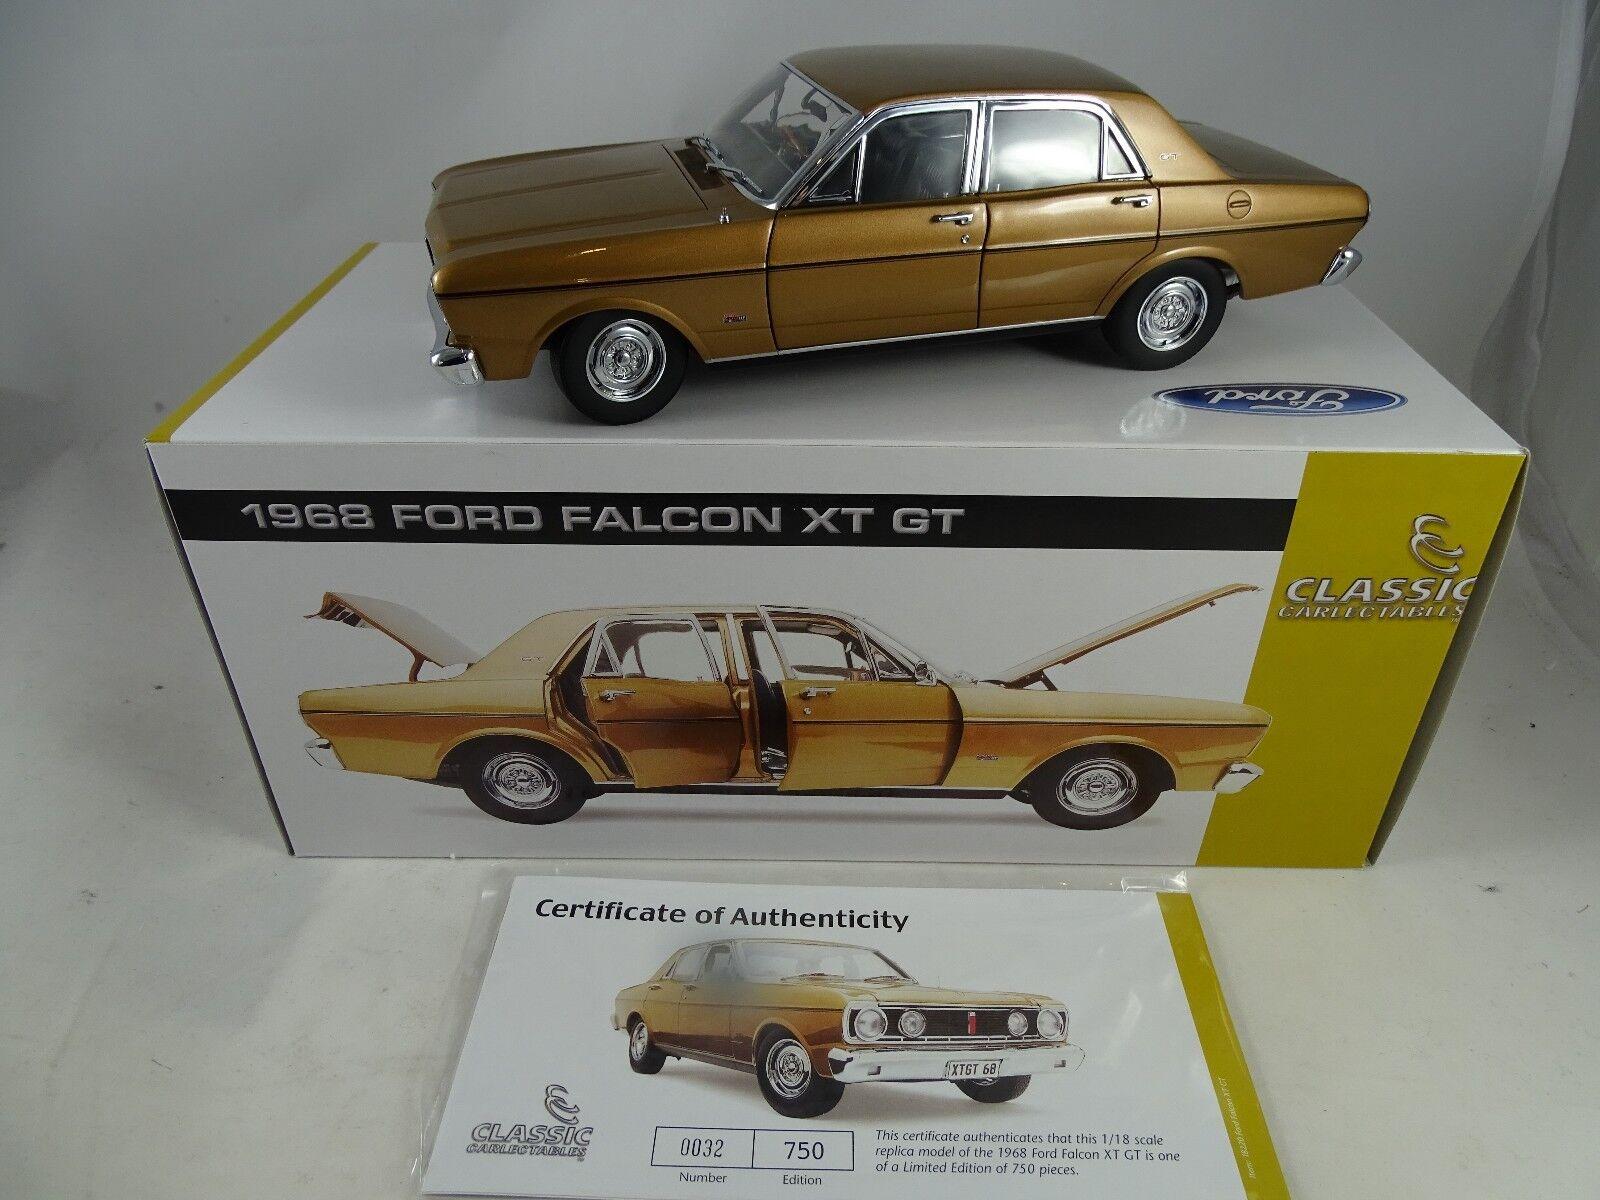 bienvenido a comprar 1 18 18 18 Classic Cochelectables  18220 1968 XT GT Ford Falcon GT oro Lmtd. EDT. rar  Envío rápido y el mejor servicio